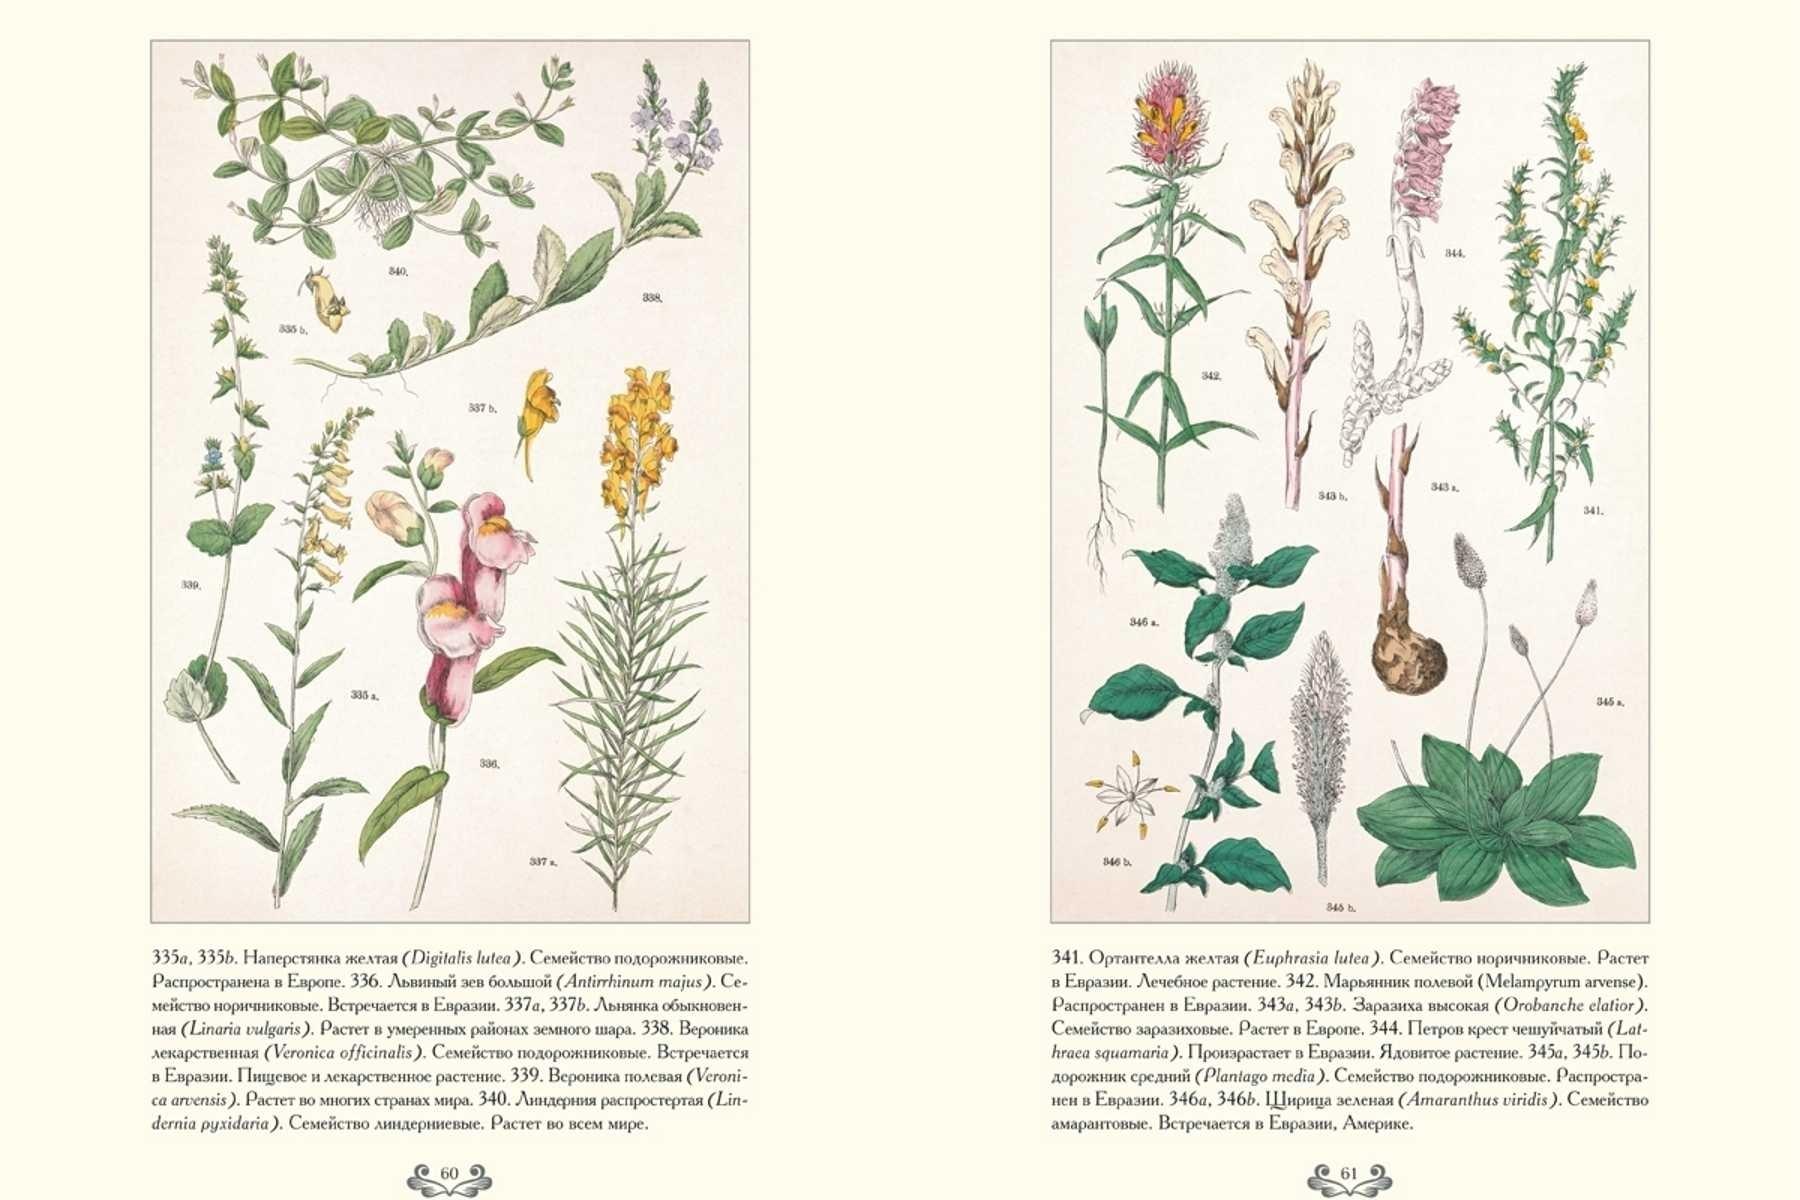 Картинки ботанический атлас растений025